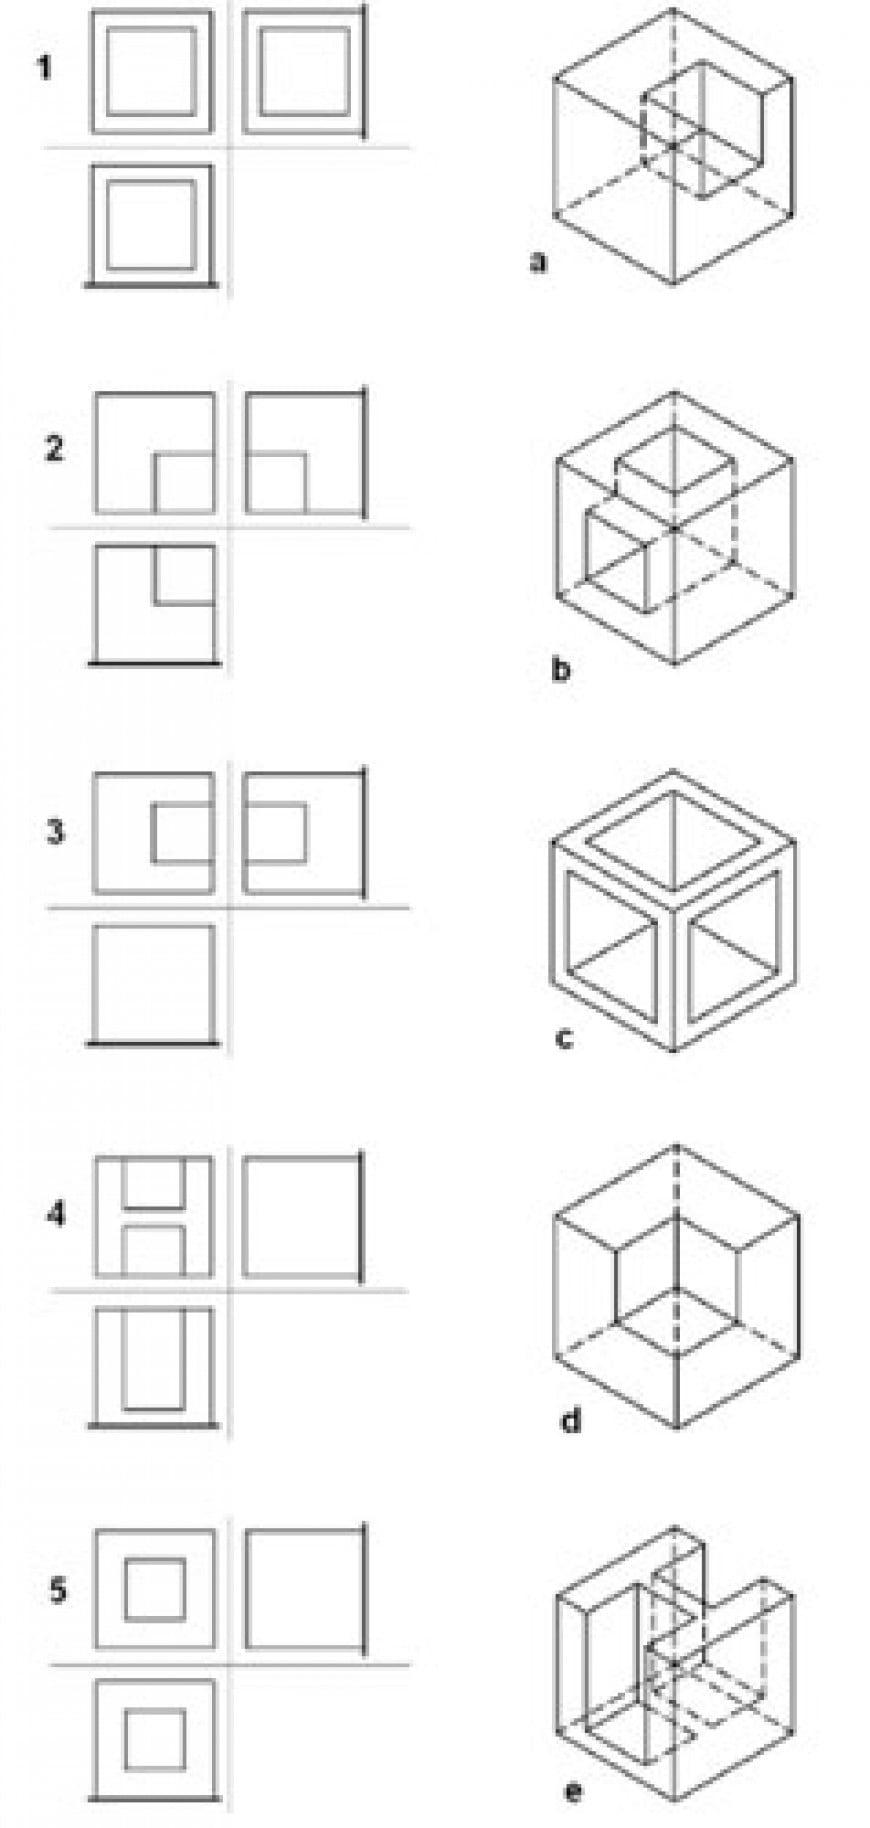 Abbinare correttamente le figure in assonometria isometrica con le corrispondenti proiezioni ortogonali.